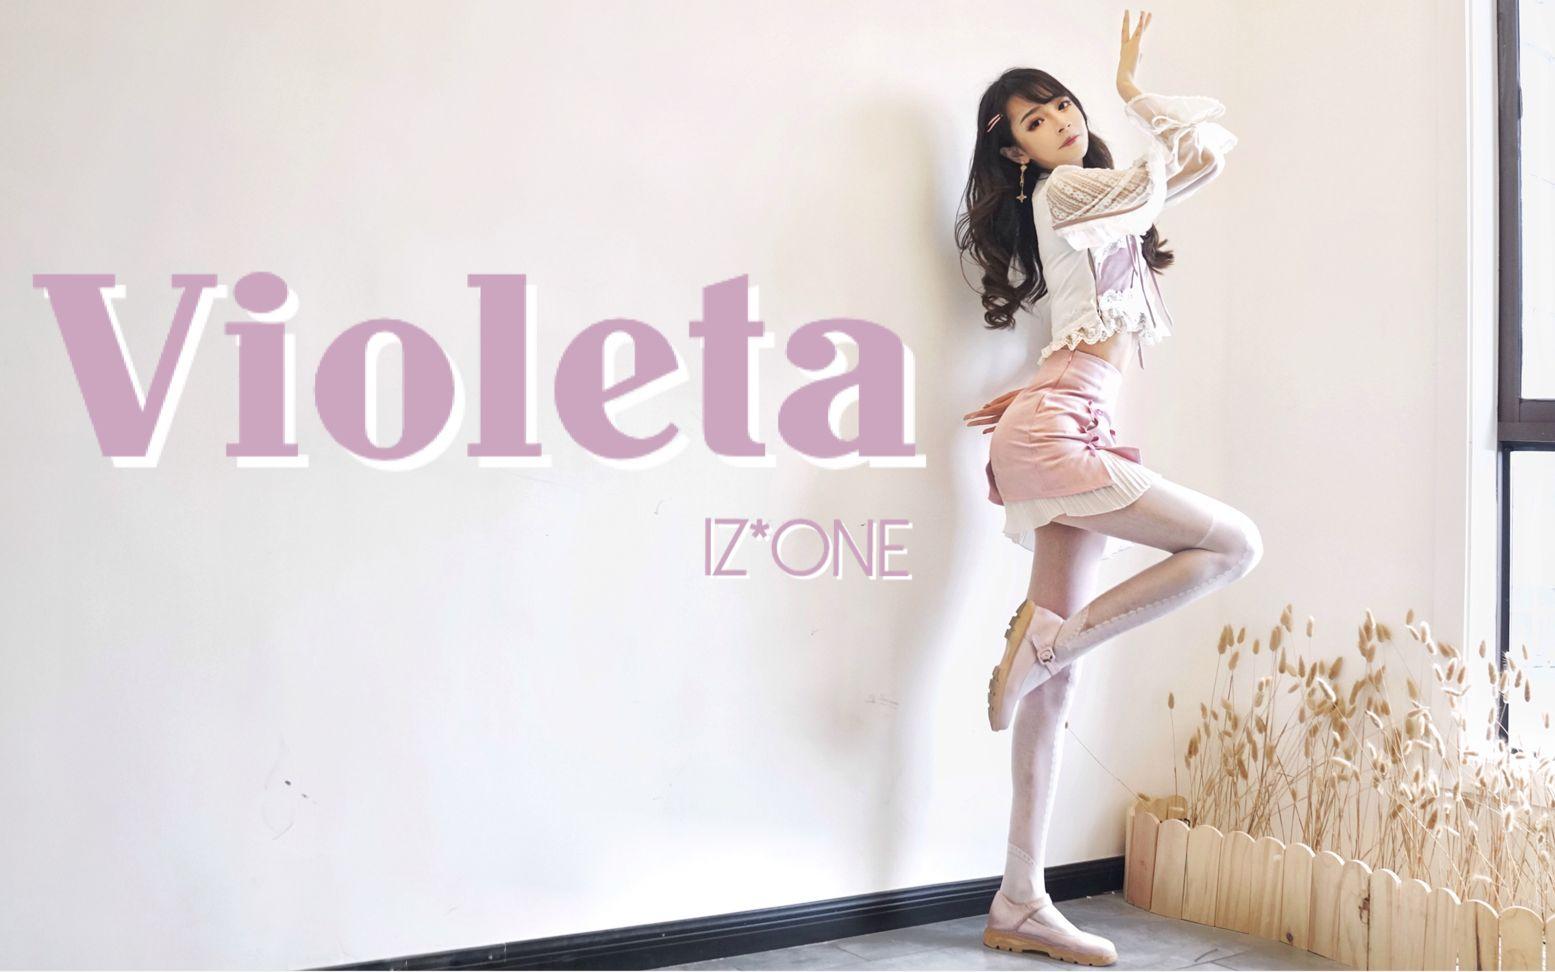 【阿呆】Violeta-izone 超仙翻跳❀2p竖屏